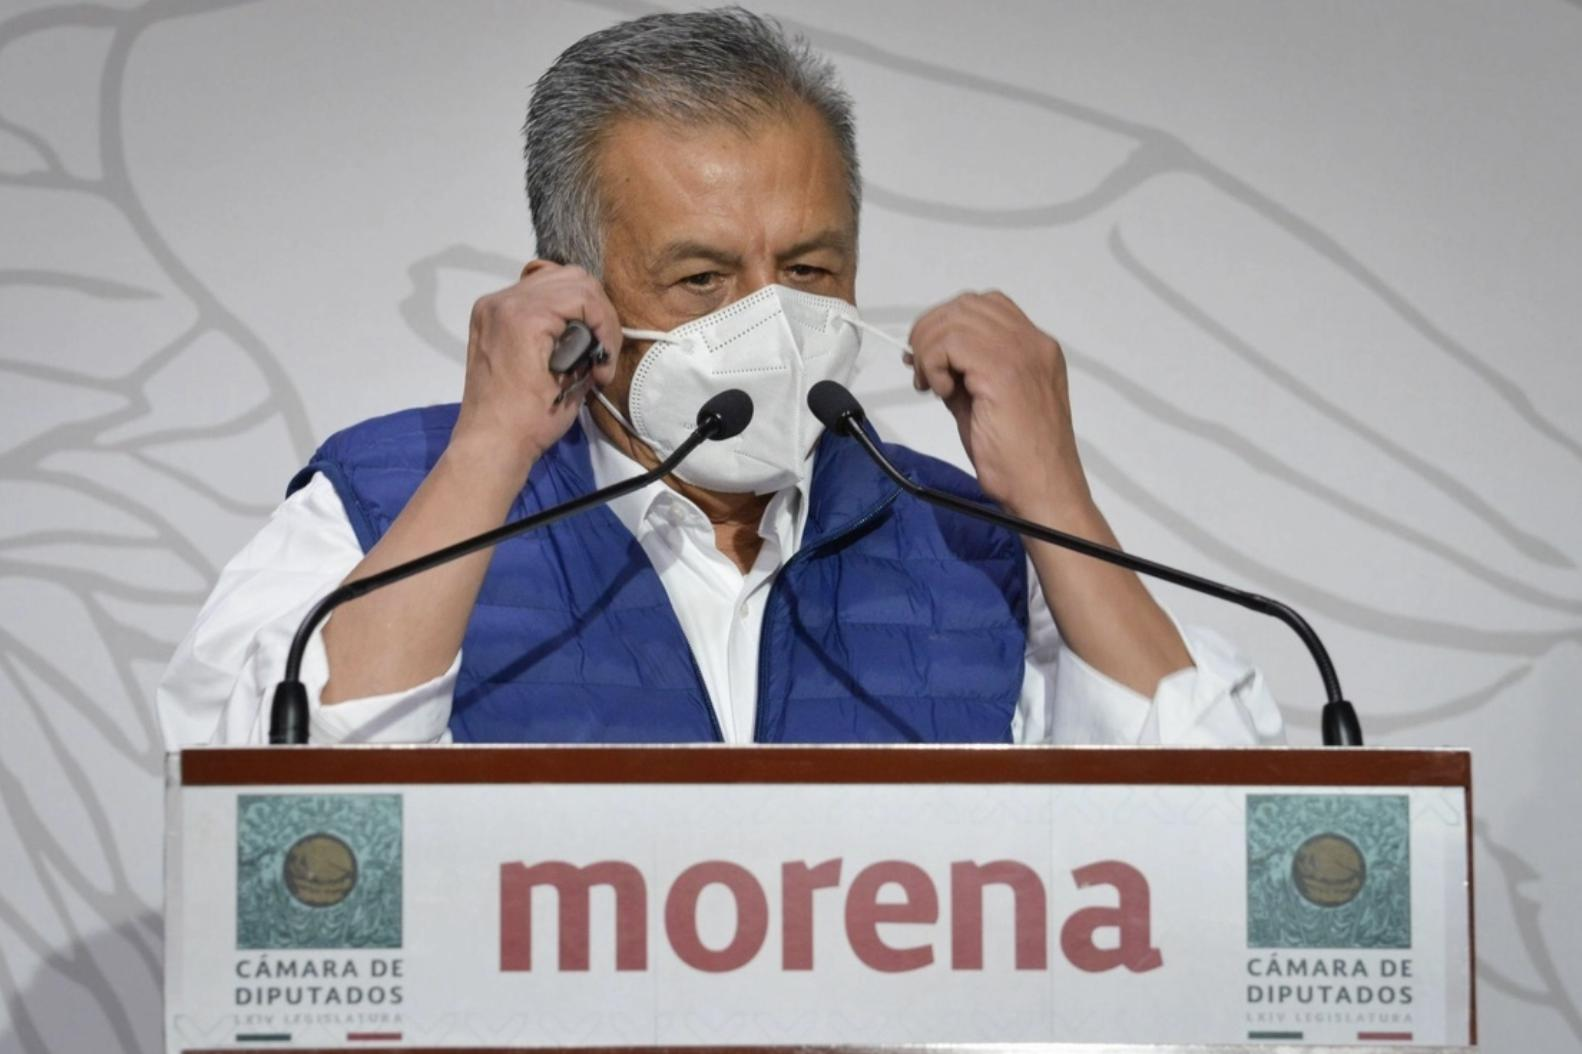 En imagen de archivo, el diputado Saúl Huerta Corona, señalado como presunto responsable de abuso sexual. Foto Cuartoscuro